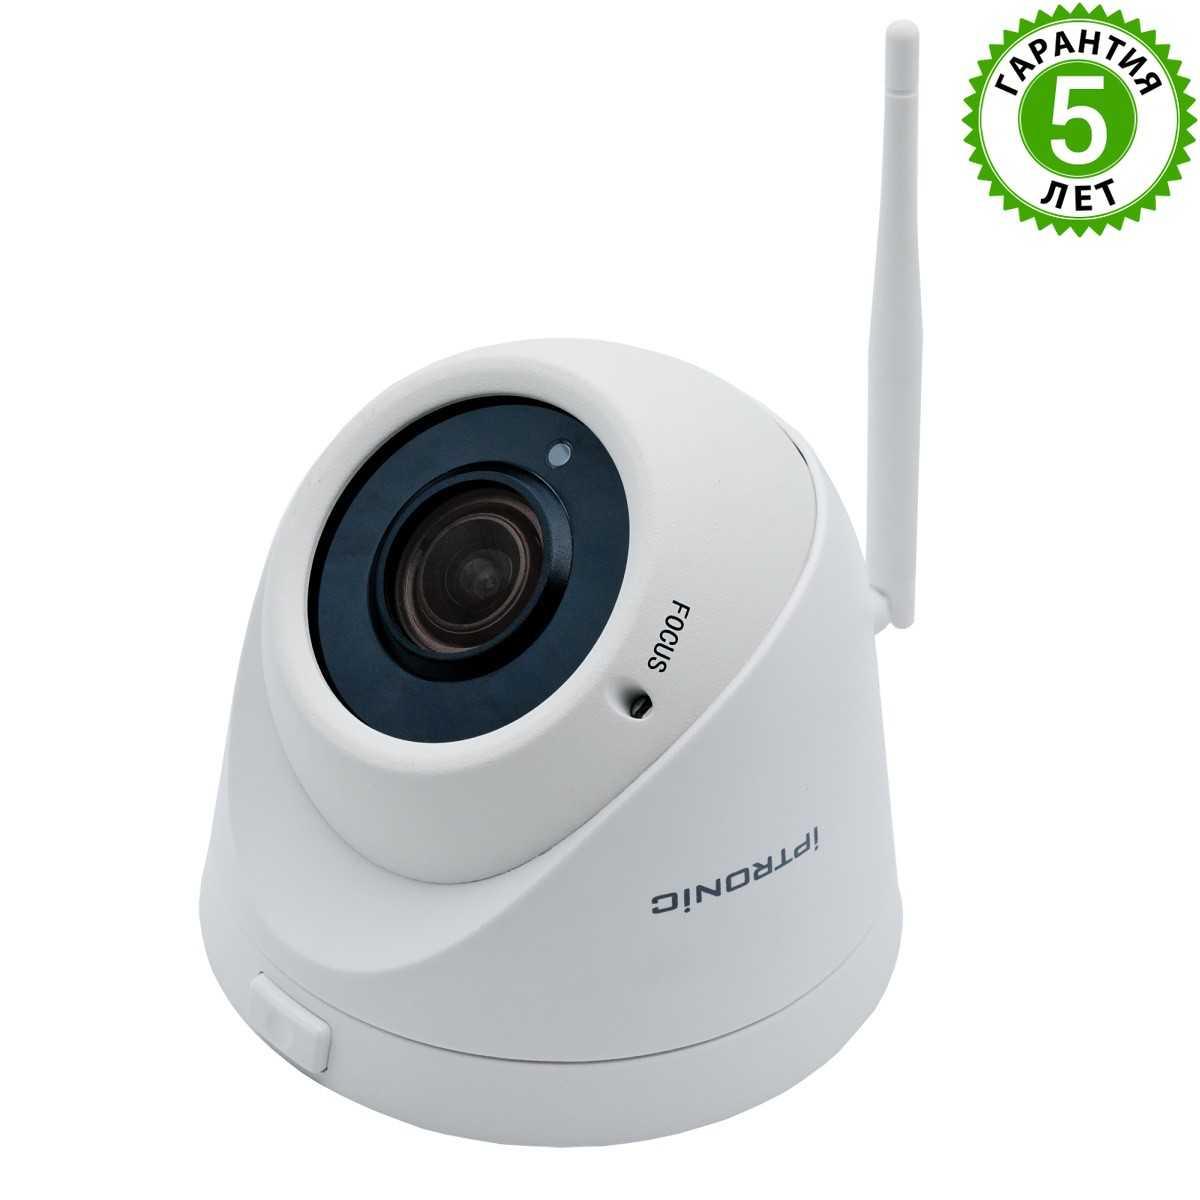 Видеокамера IPTRONIC IPT-IPL1080DM(2,8-12)W